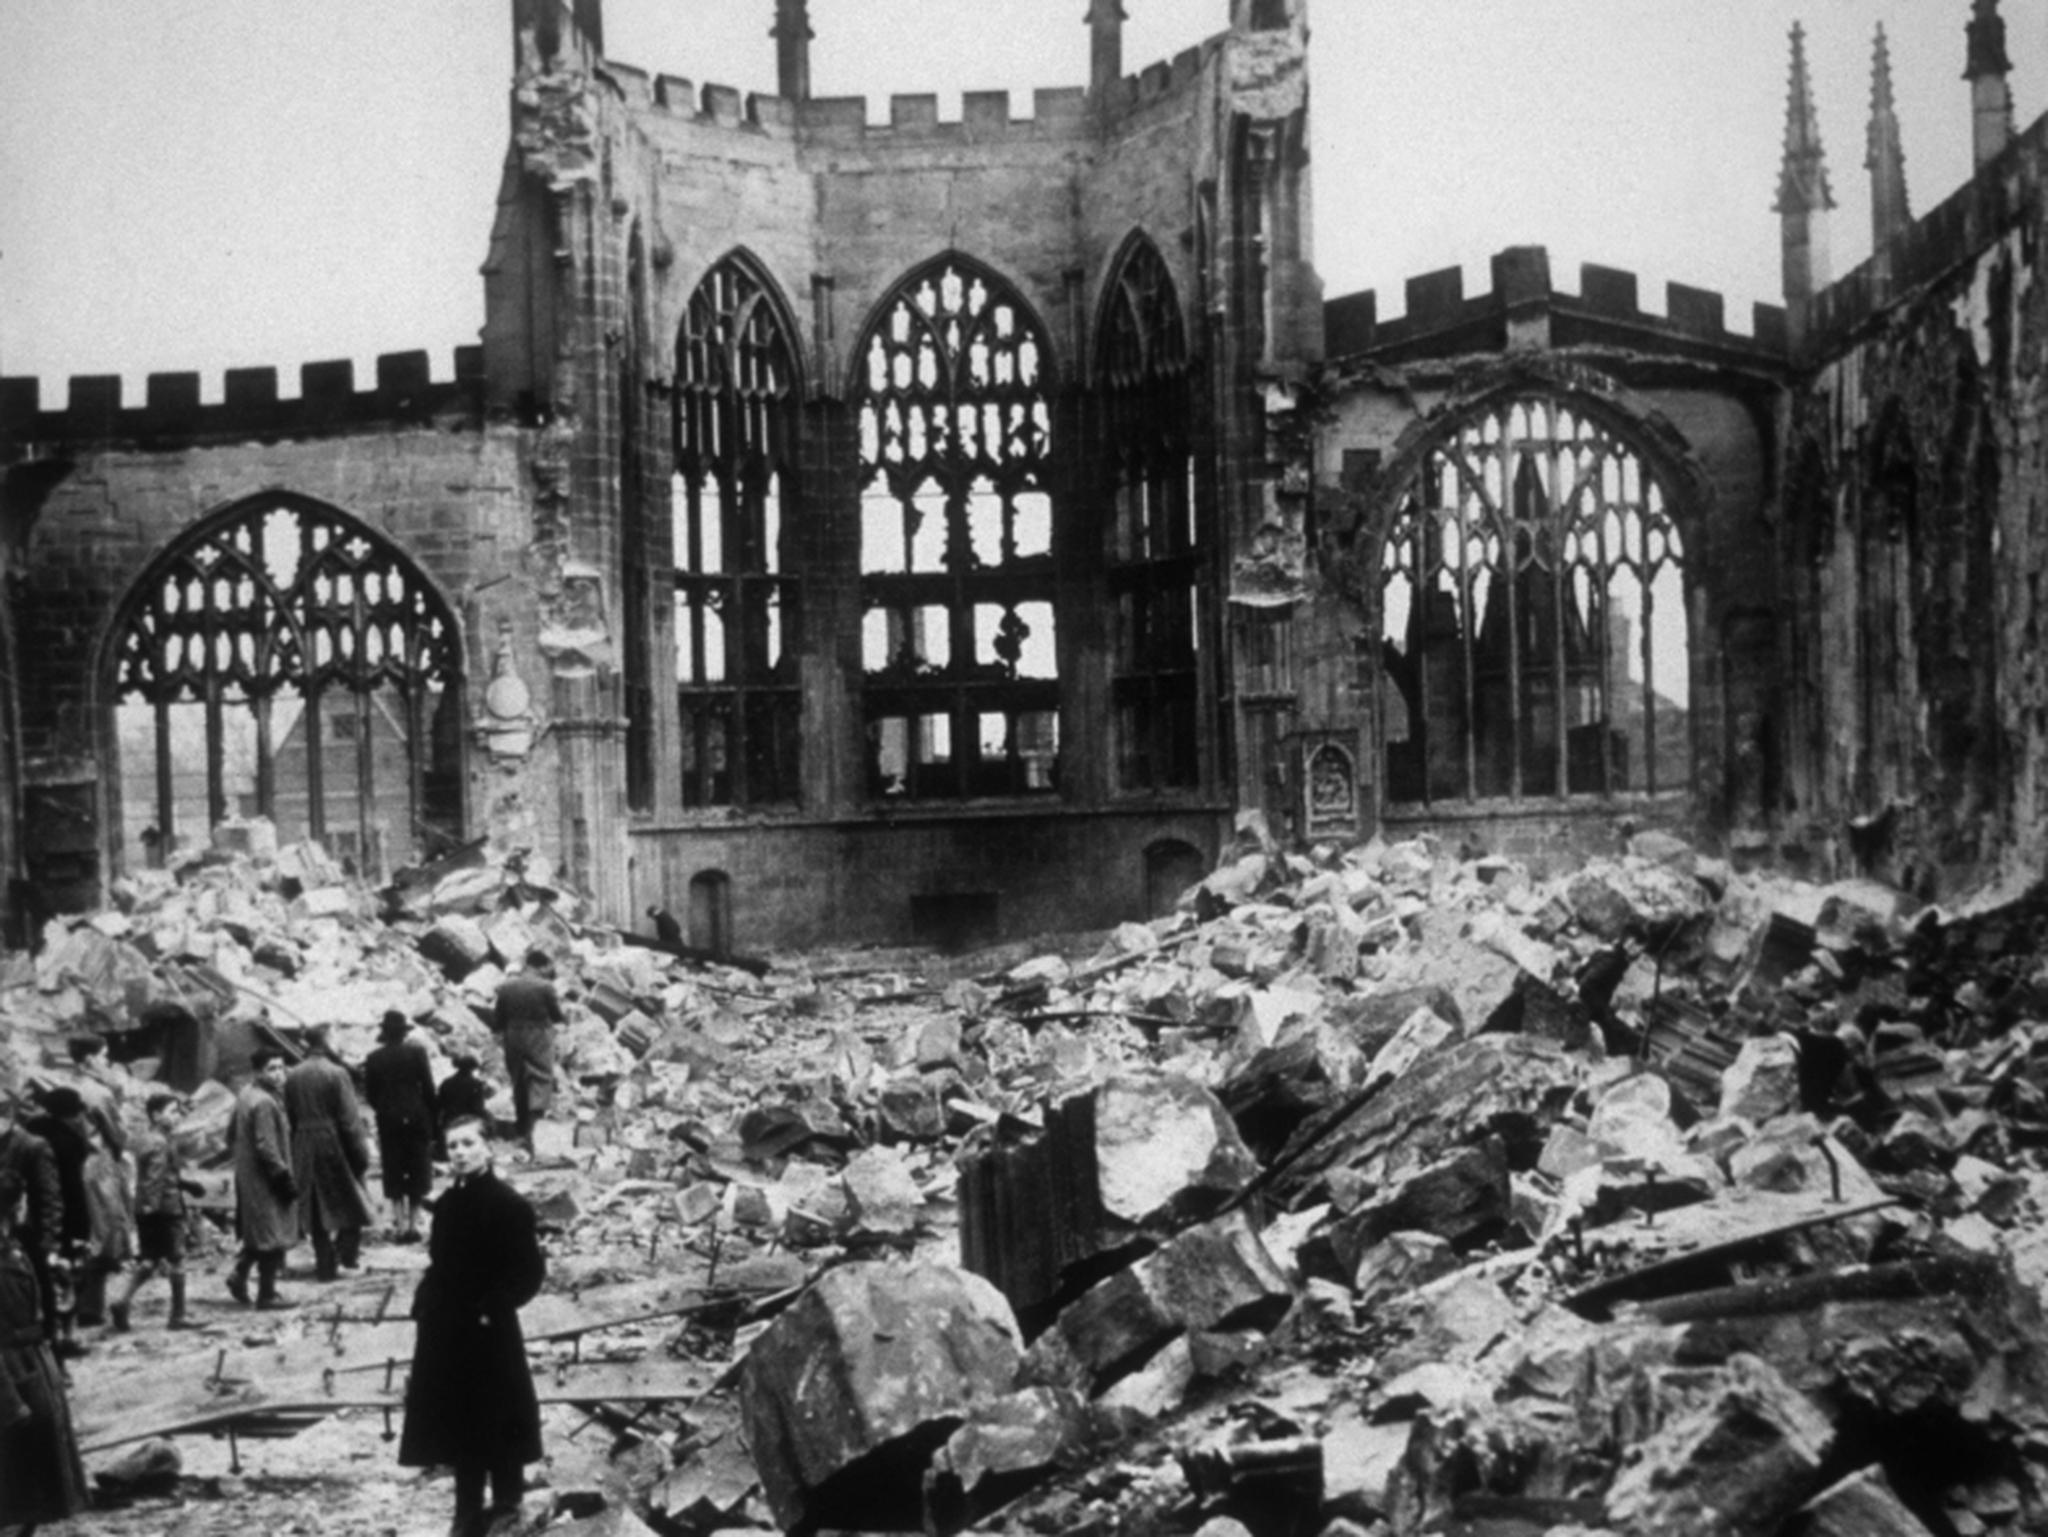 Britten 39 S War Requiem 50 Years On Still As Harrowing As